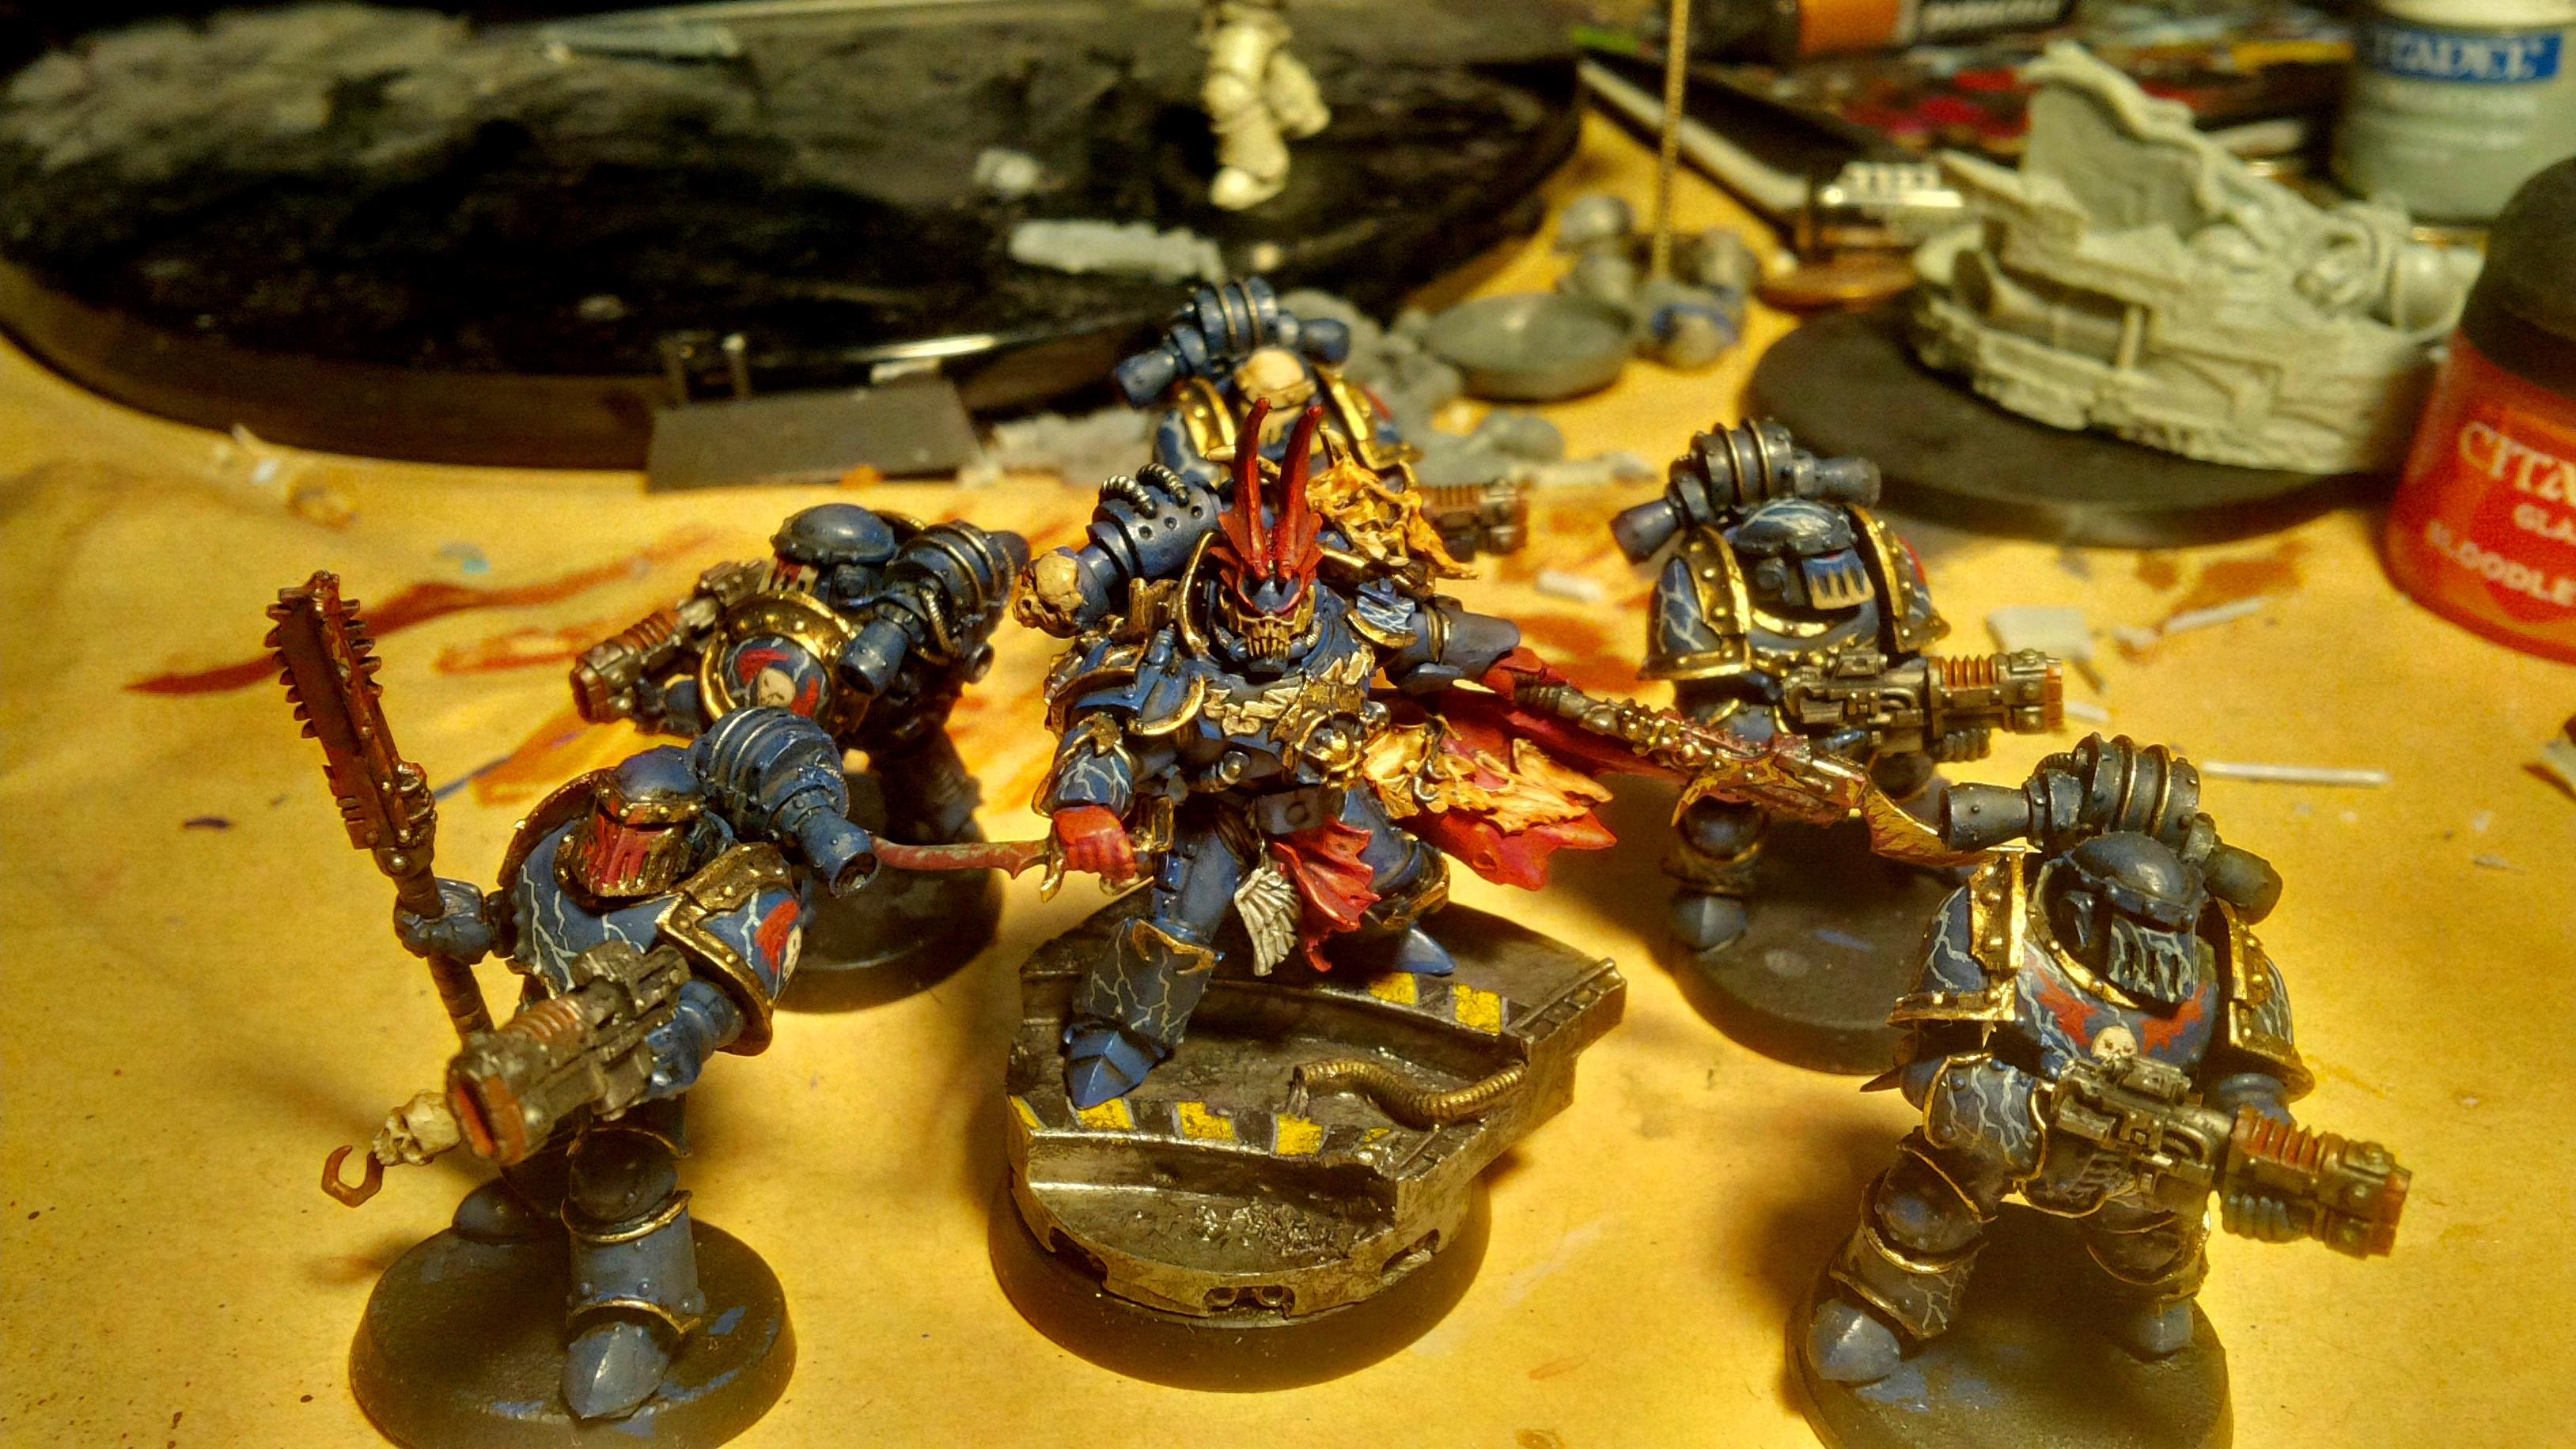 30k, Blue, Gold, Horus Heresy, Lightning, Night Lord, Sevetar, Skull